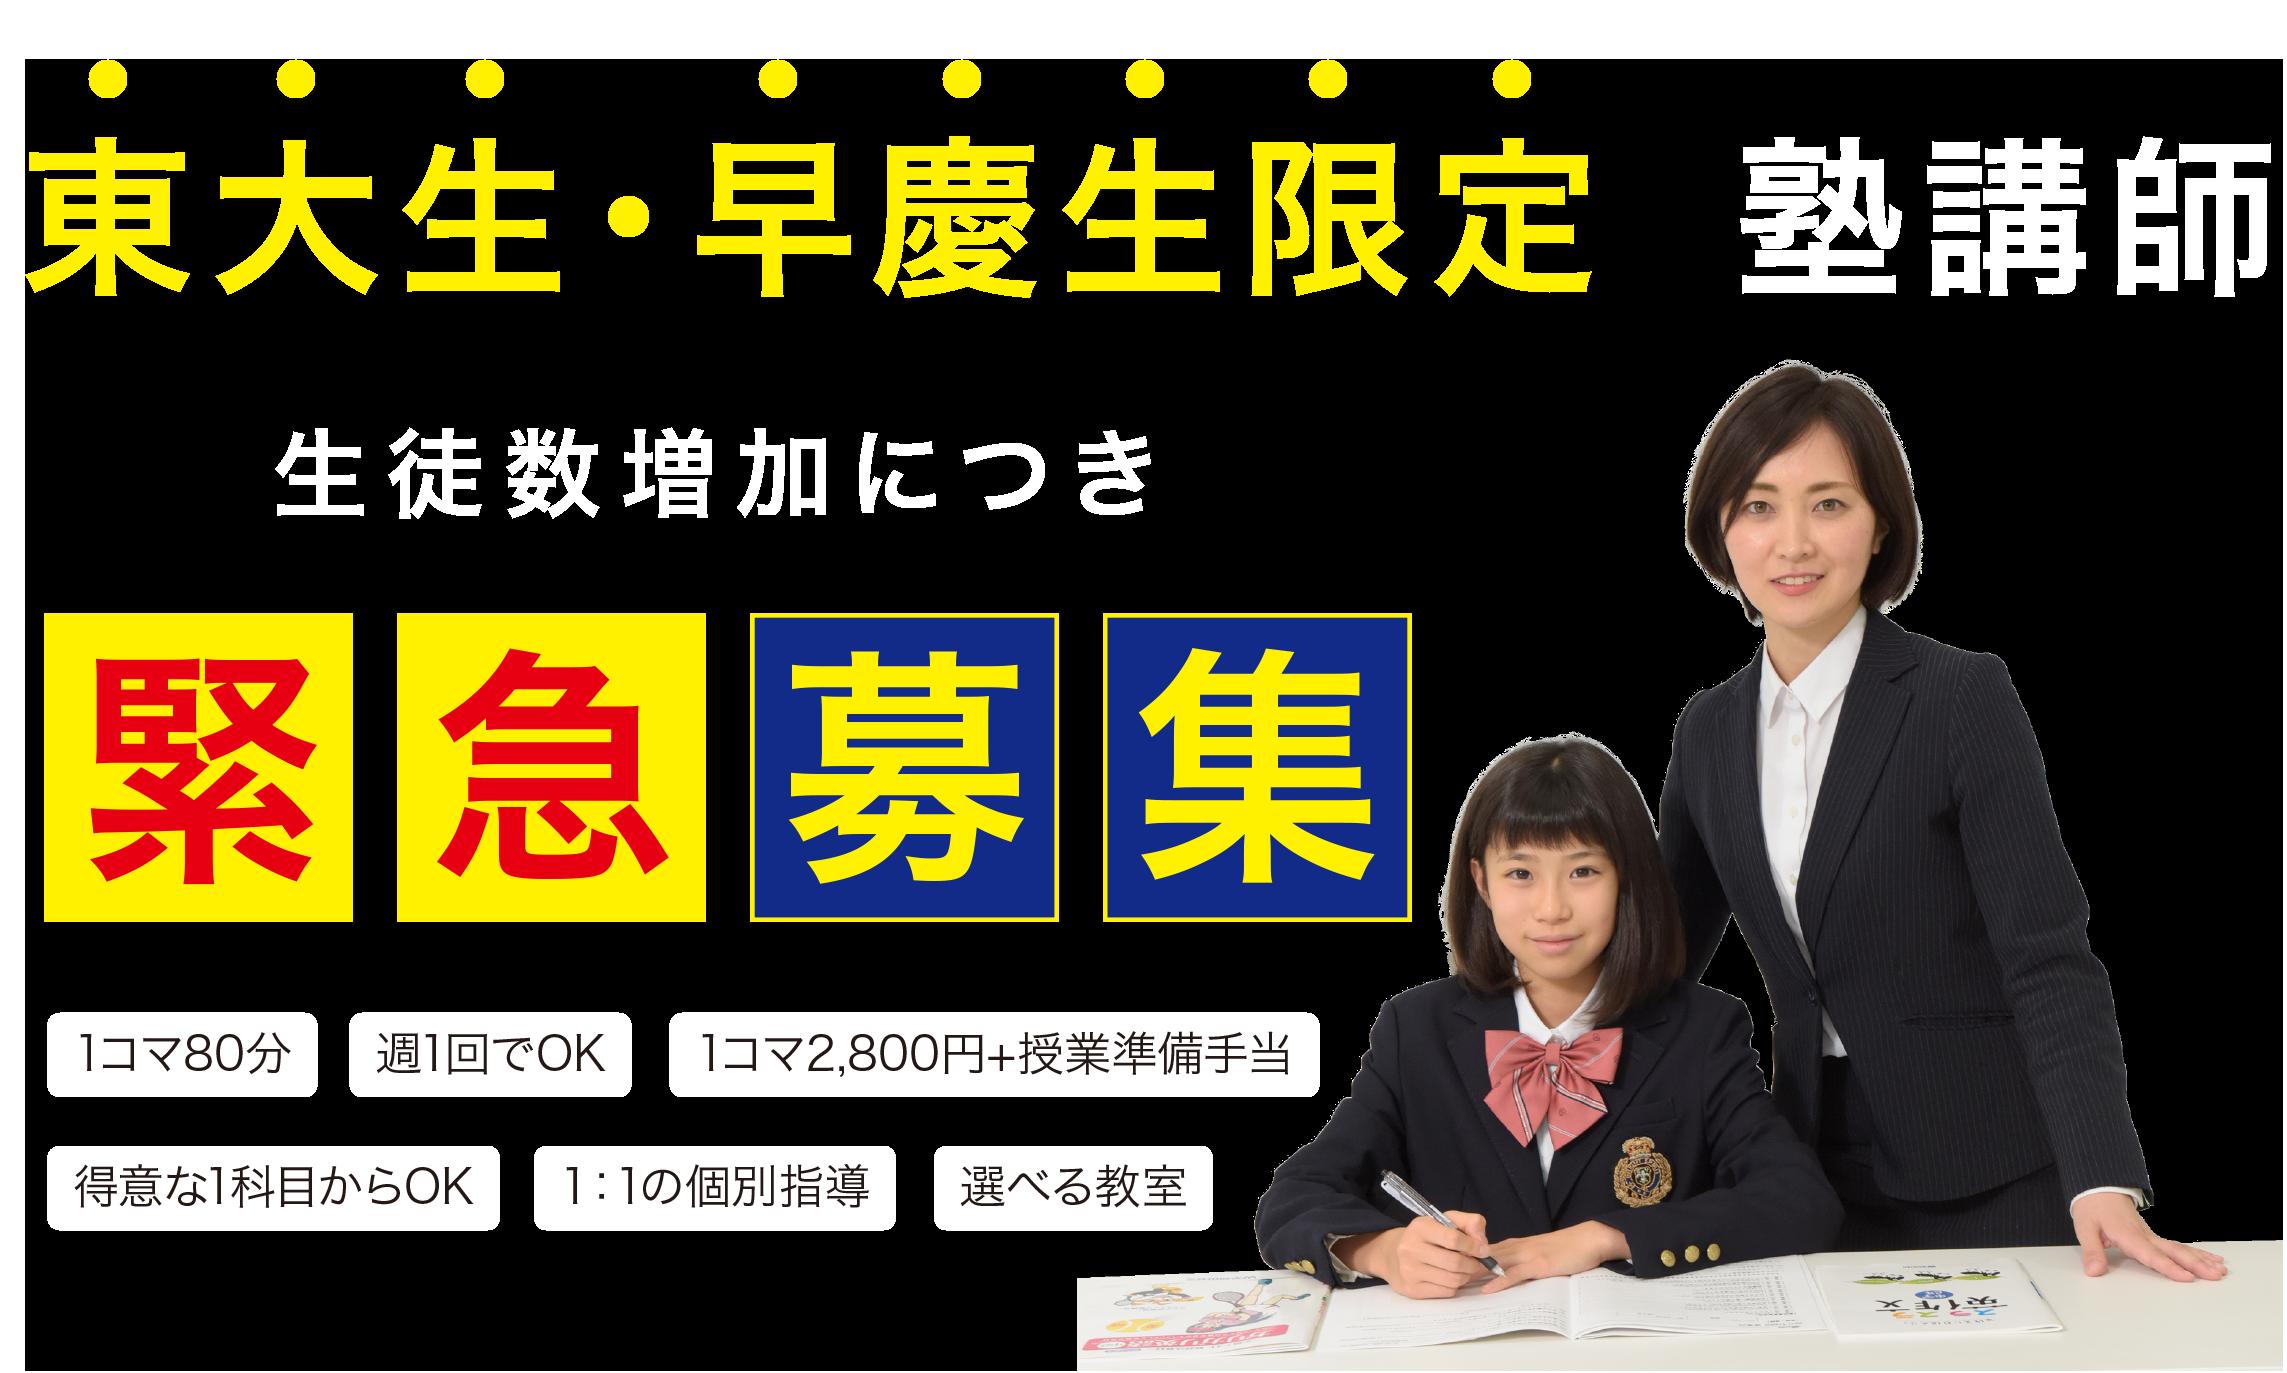 東大生・早慶生限定塾講師生徒数増加につき緊急募集